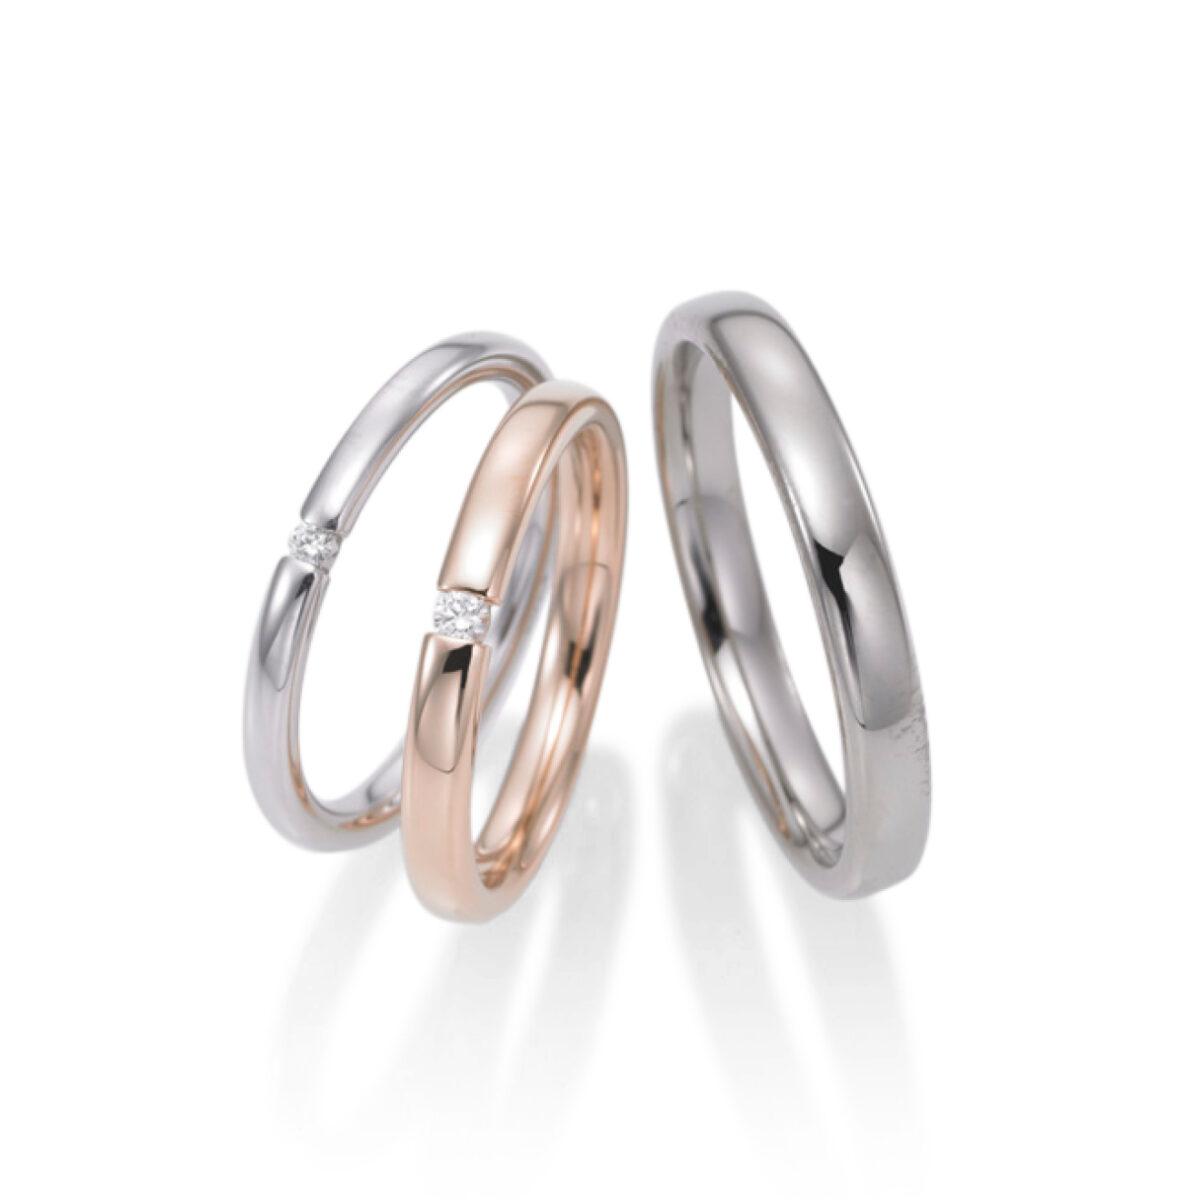 ドイツの老舗ブランド フィッシャー 結婚指輪